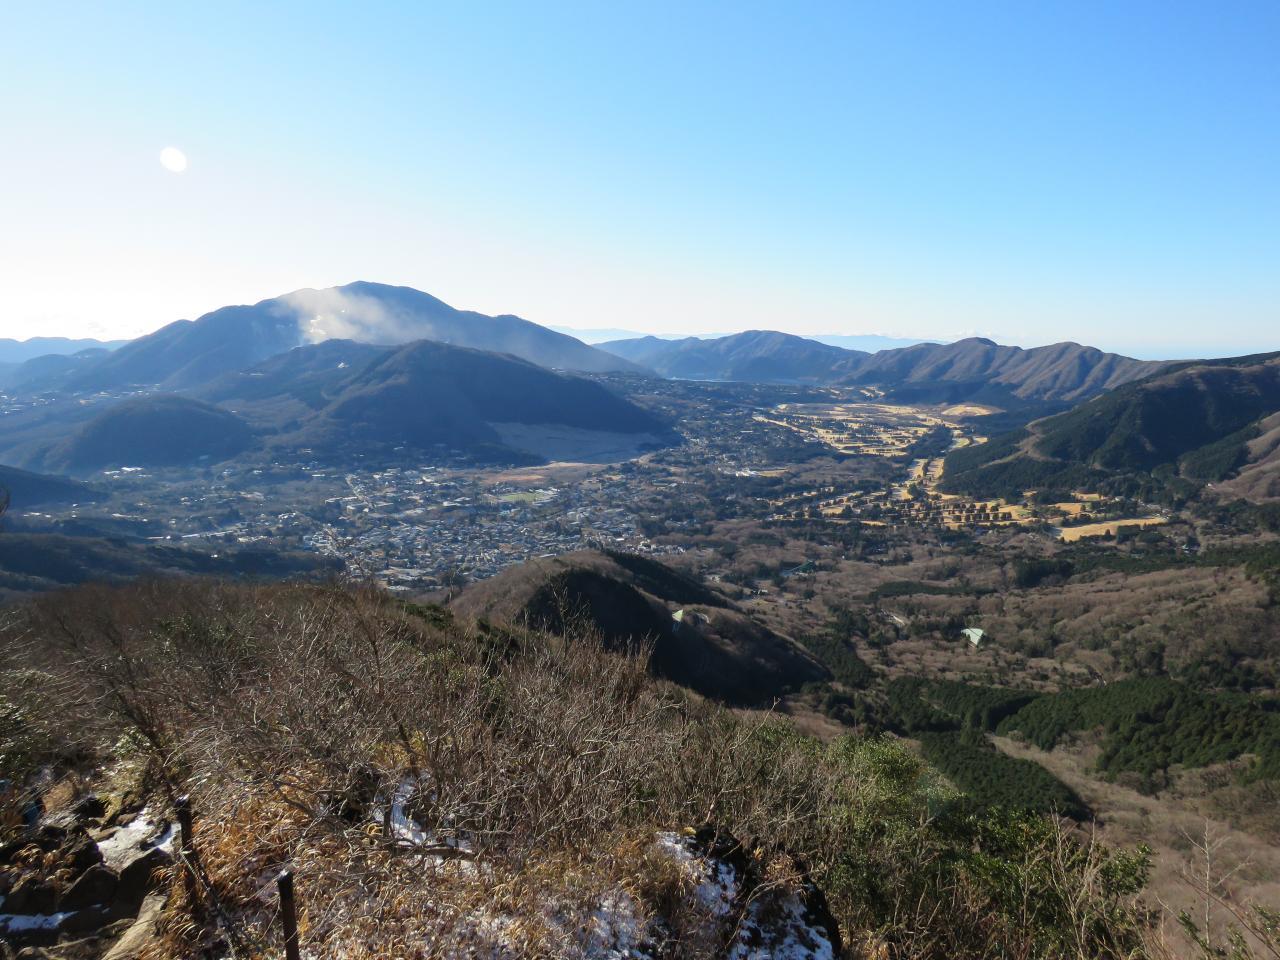 山歩きの天国箱根での登山で火山が生んだ恵みの数々を満喫